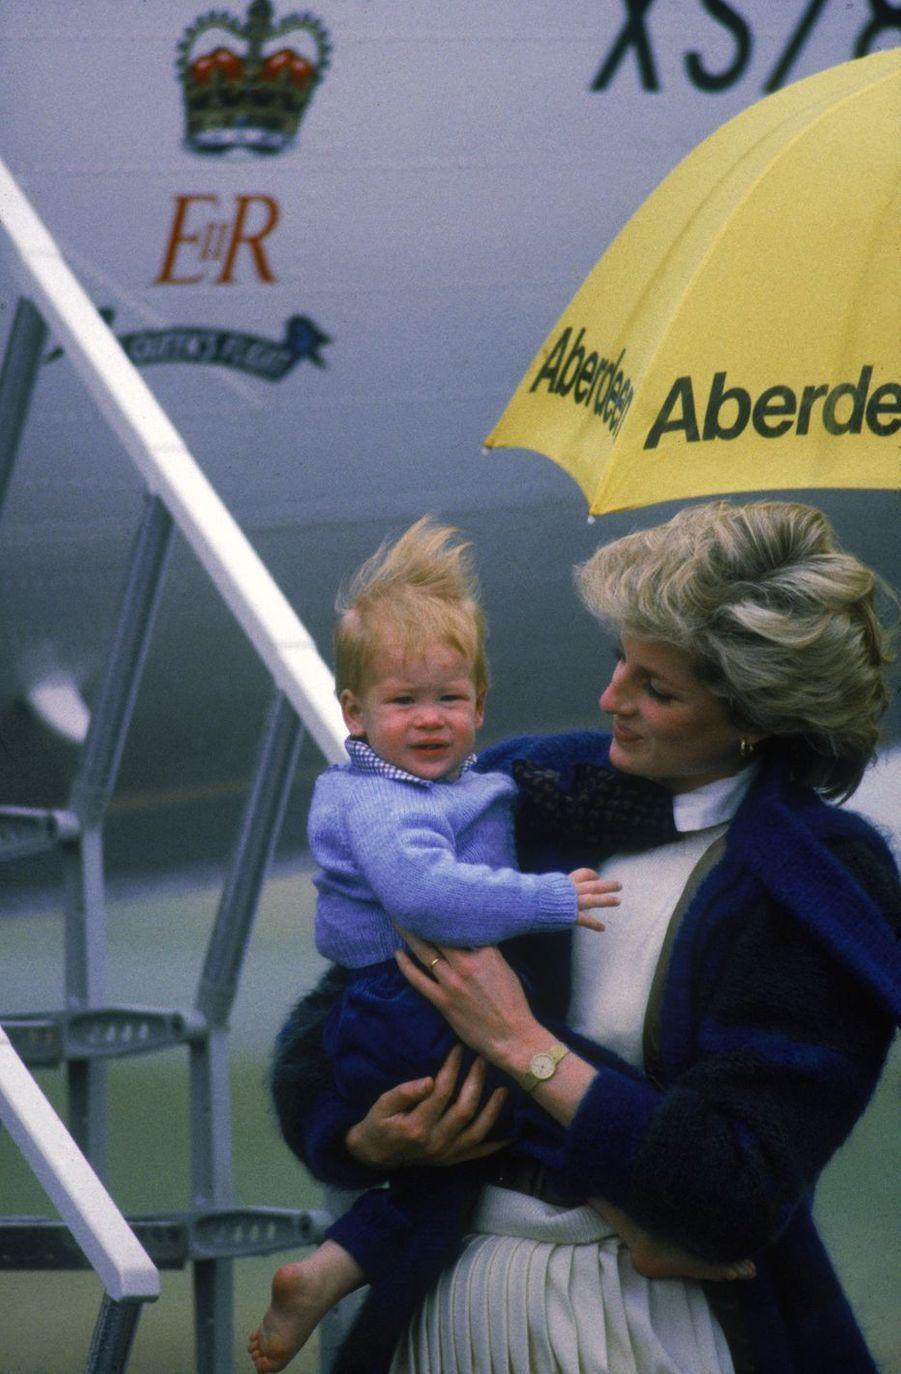 Le prince Harry avec Diana à l'aéroport d'Aberdeen (Écosse) en septembre 1985